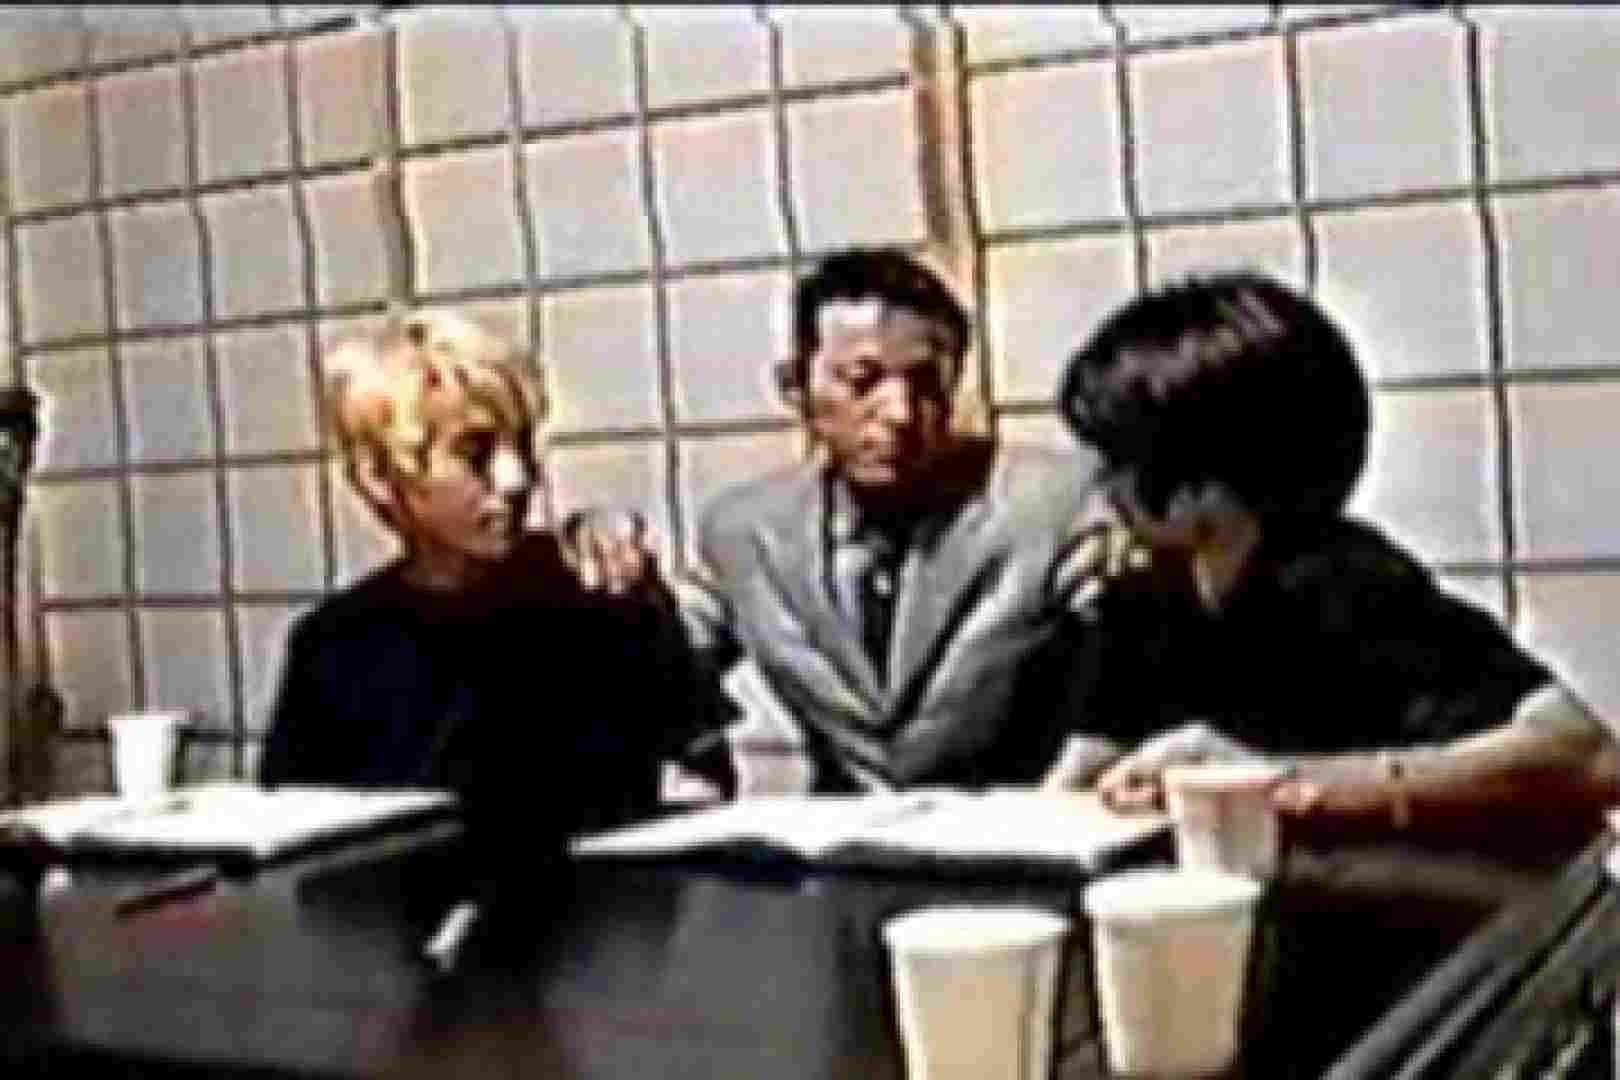 発掘!!10年前のVHSお宝ゲイ動画!! モデル アダルトビデオ画像キャプチャ 61枚 19